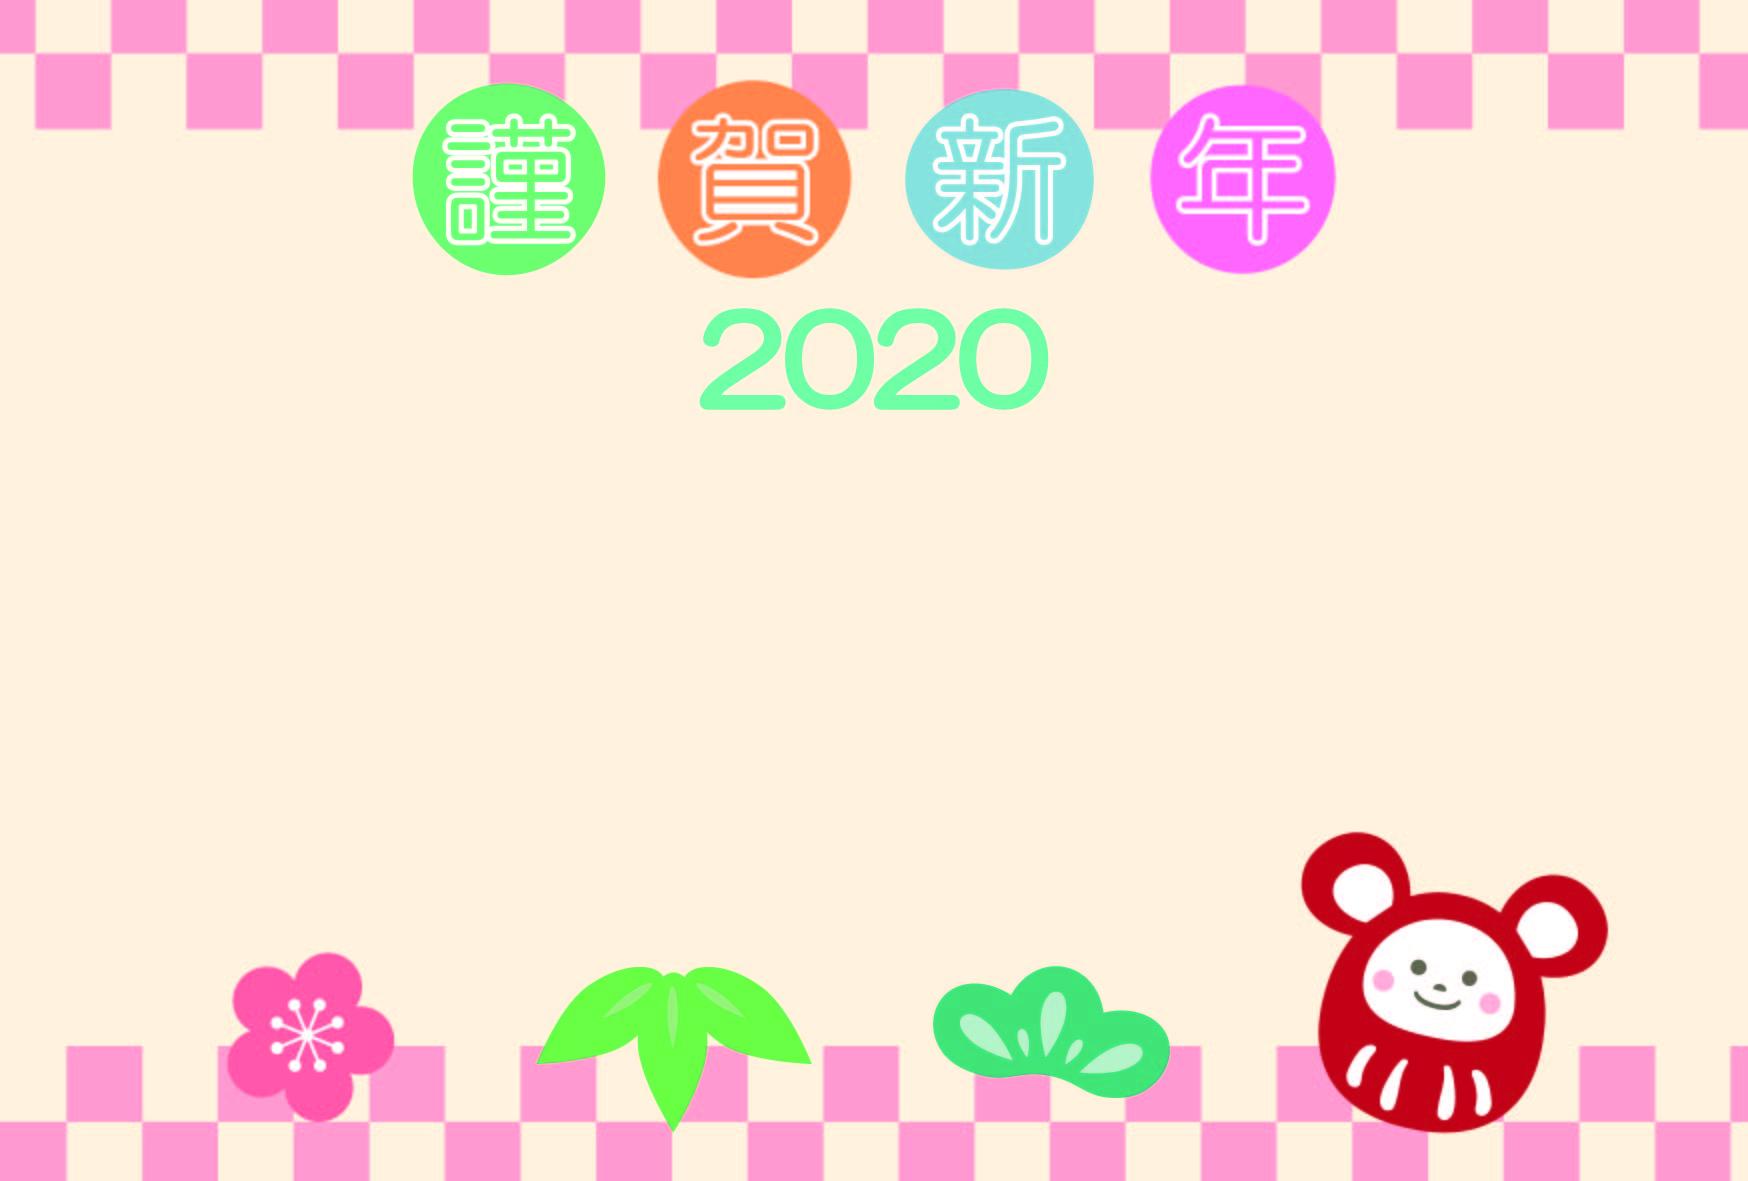 高解像度&透過!2020年(令和2年)用の年賀状テンプレート素材